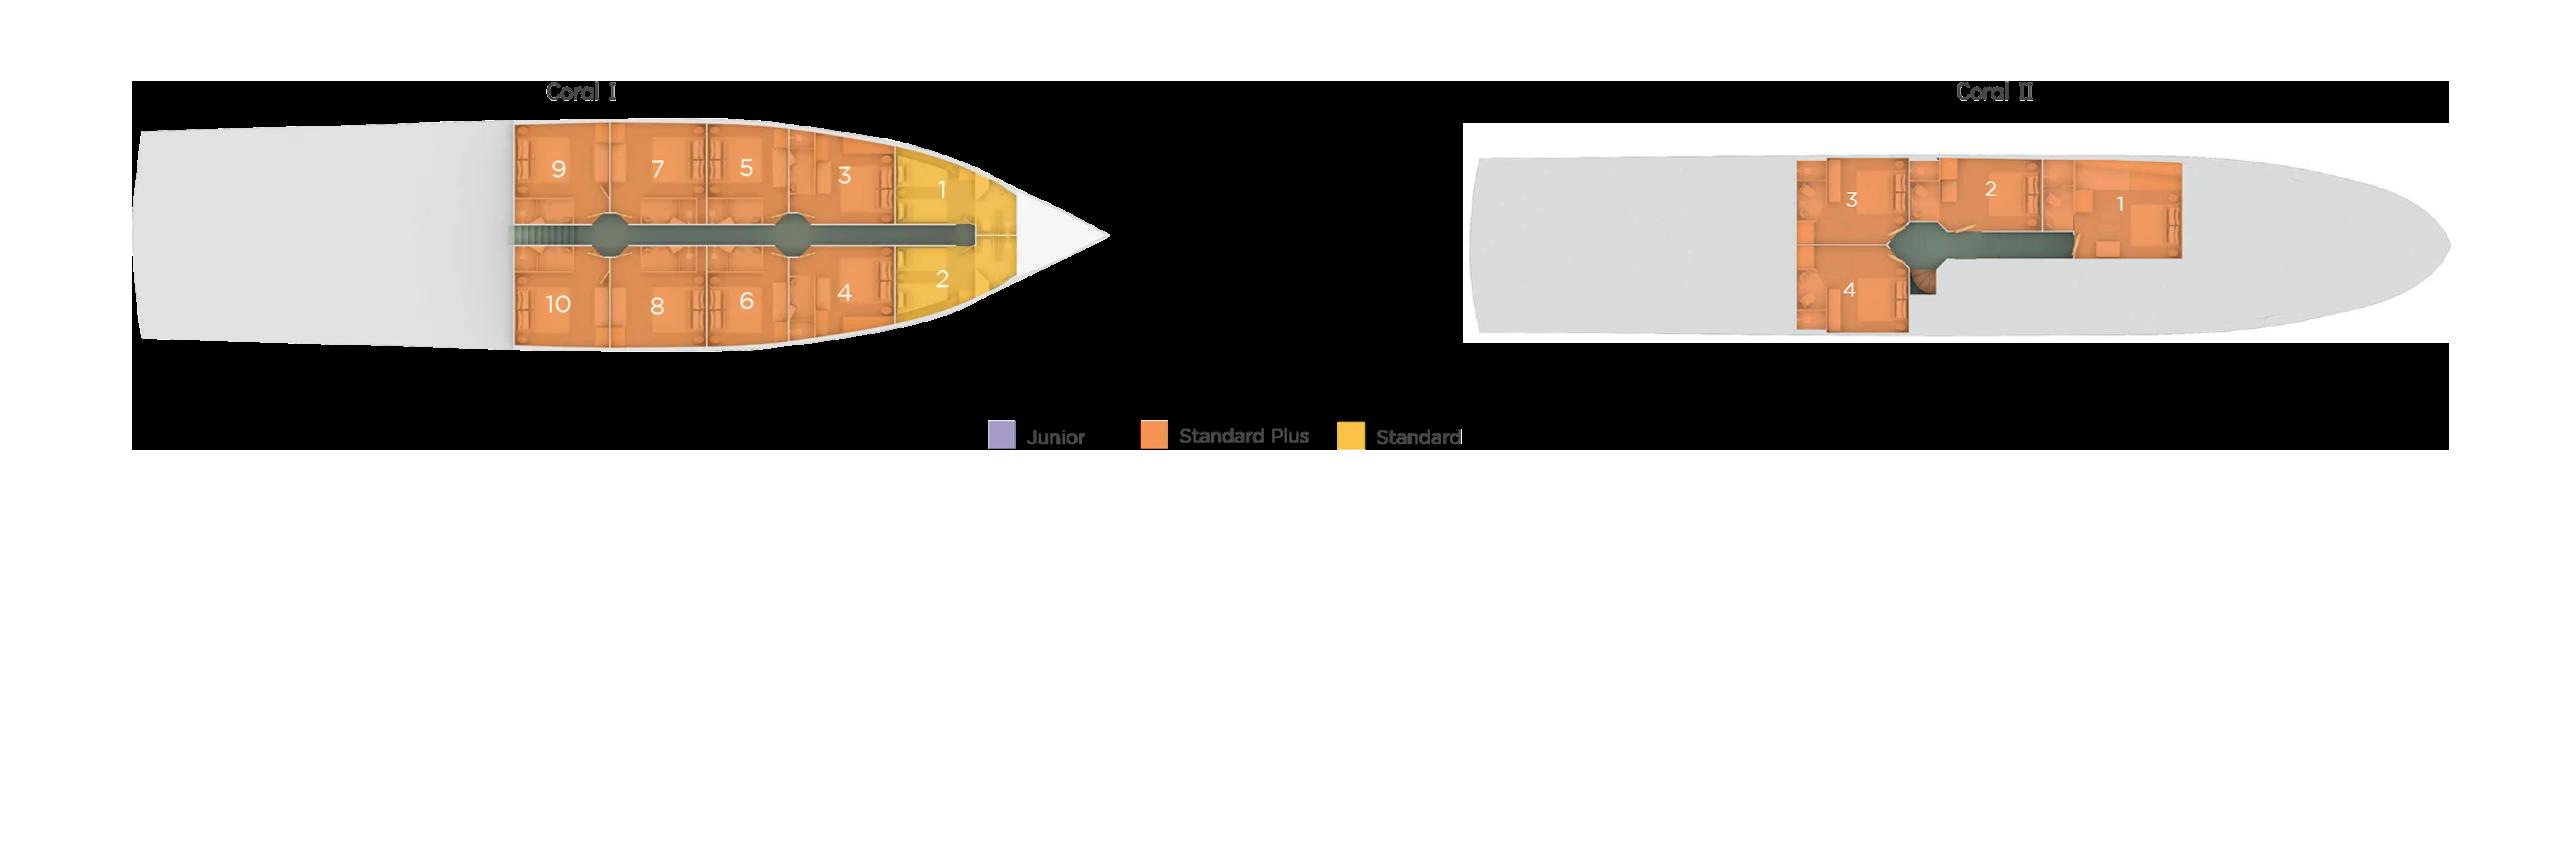 Coral I - Sea Deck